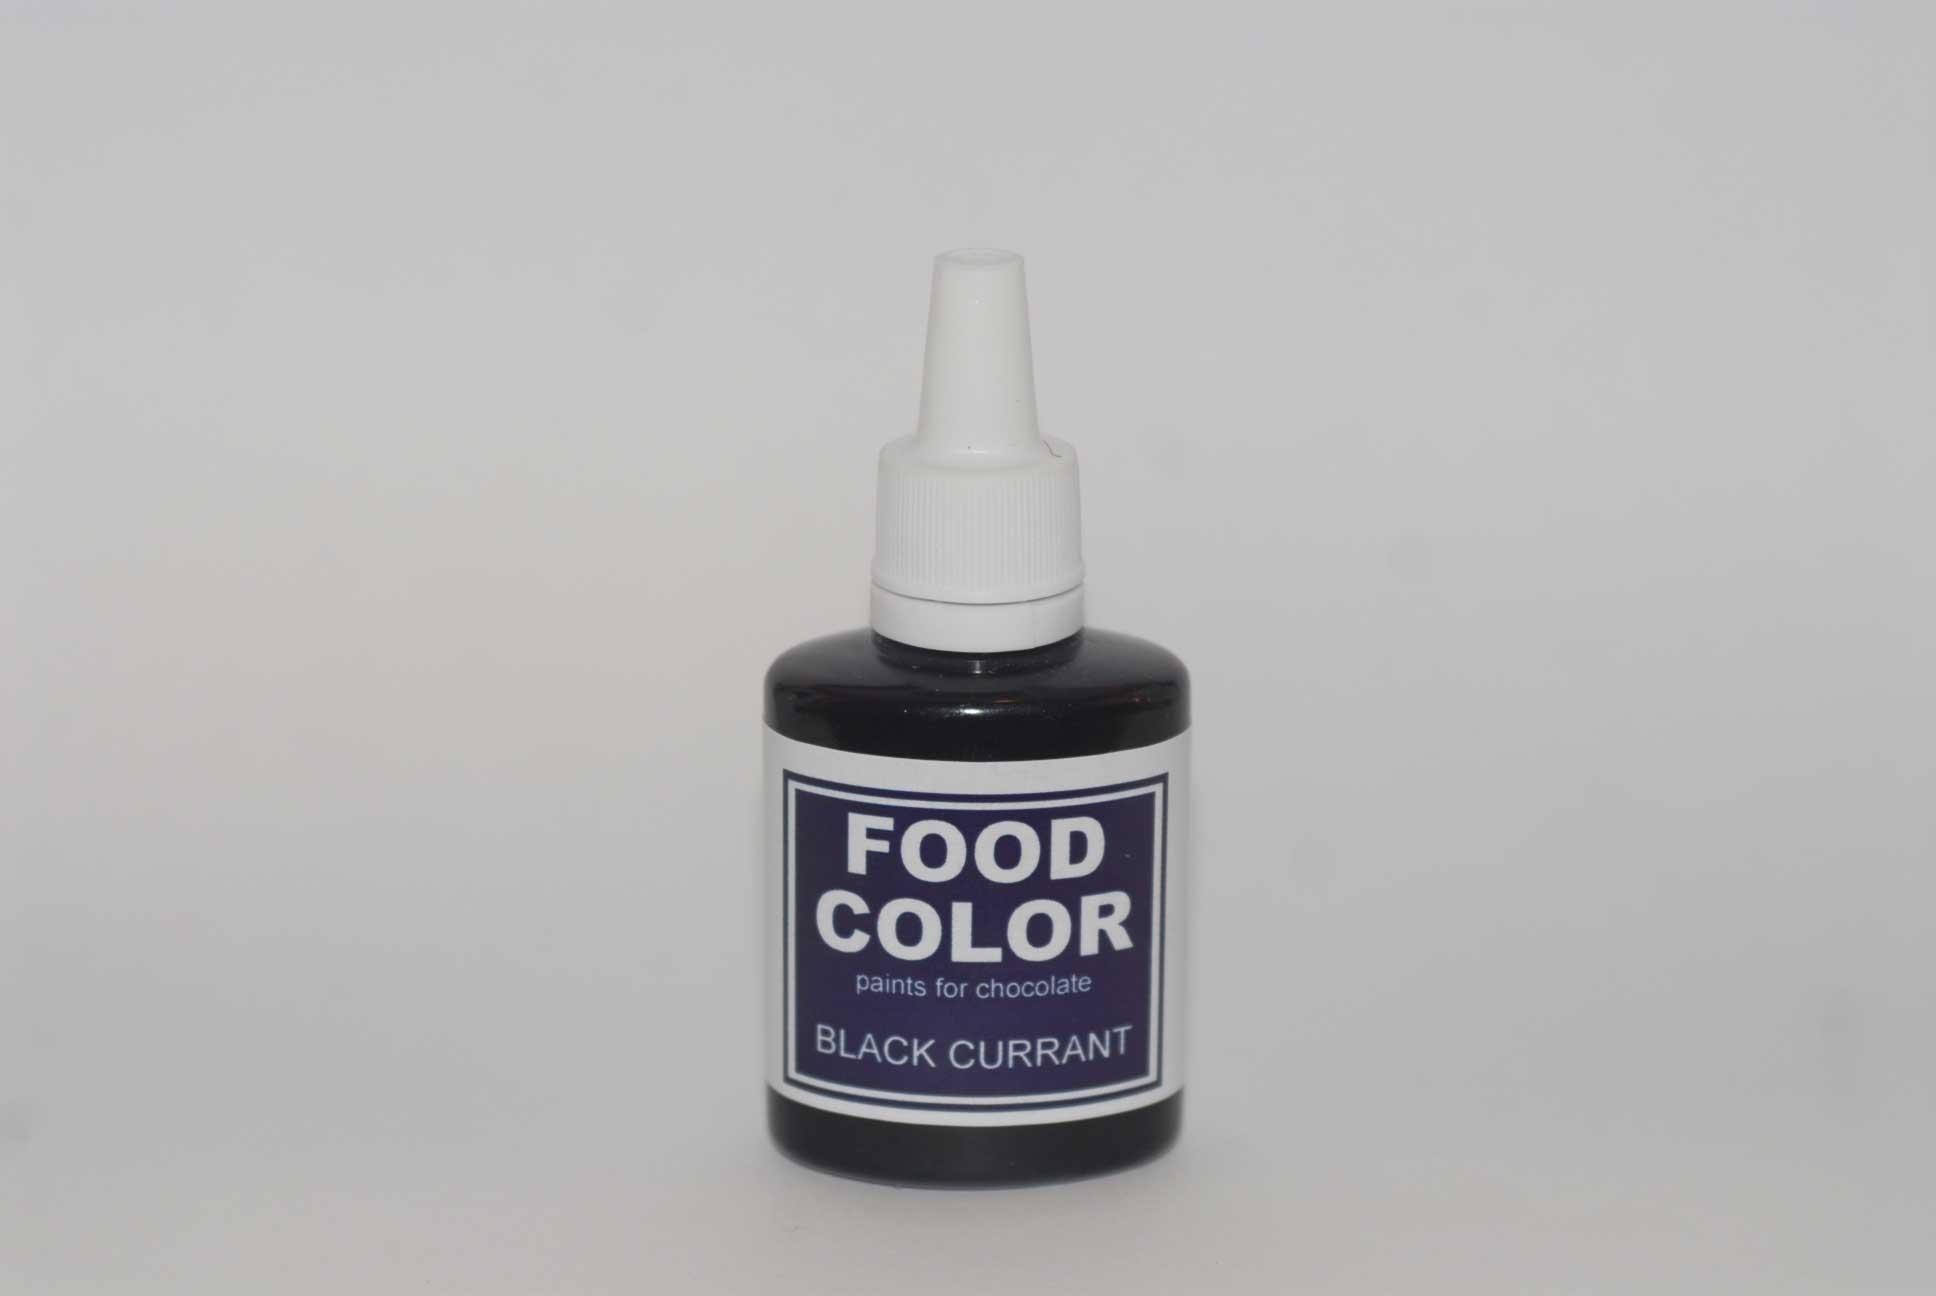 Краситель для шоколада FOOD COLOR Black Currant / Черная смородина, 25 гр